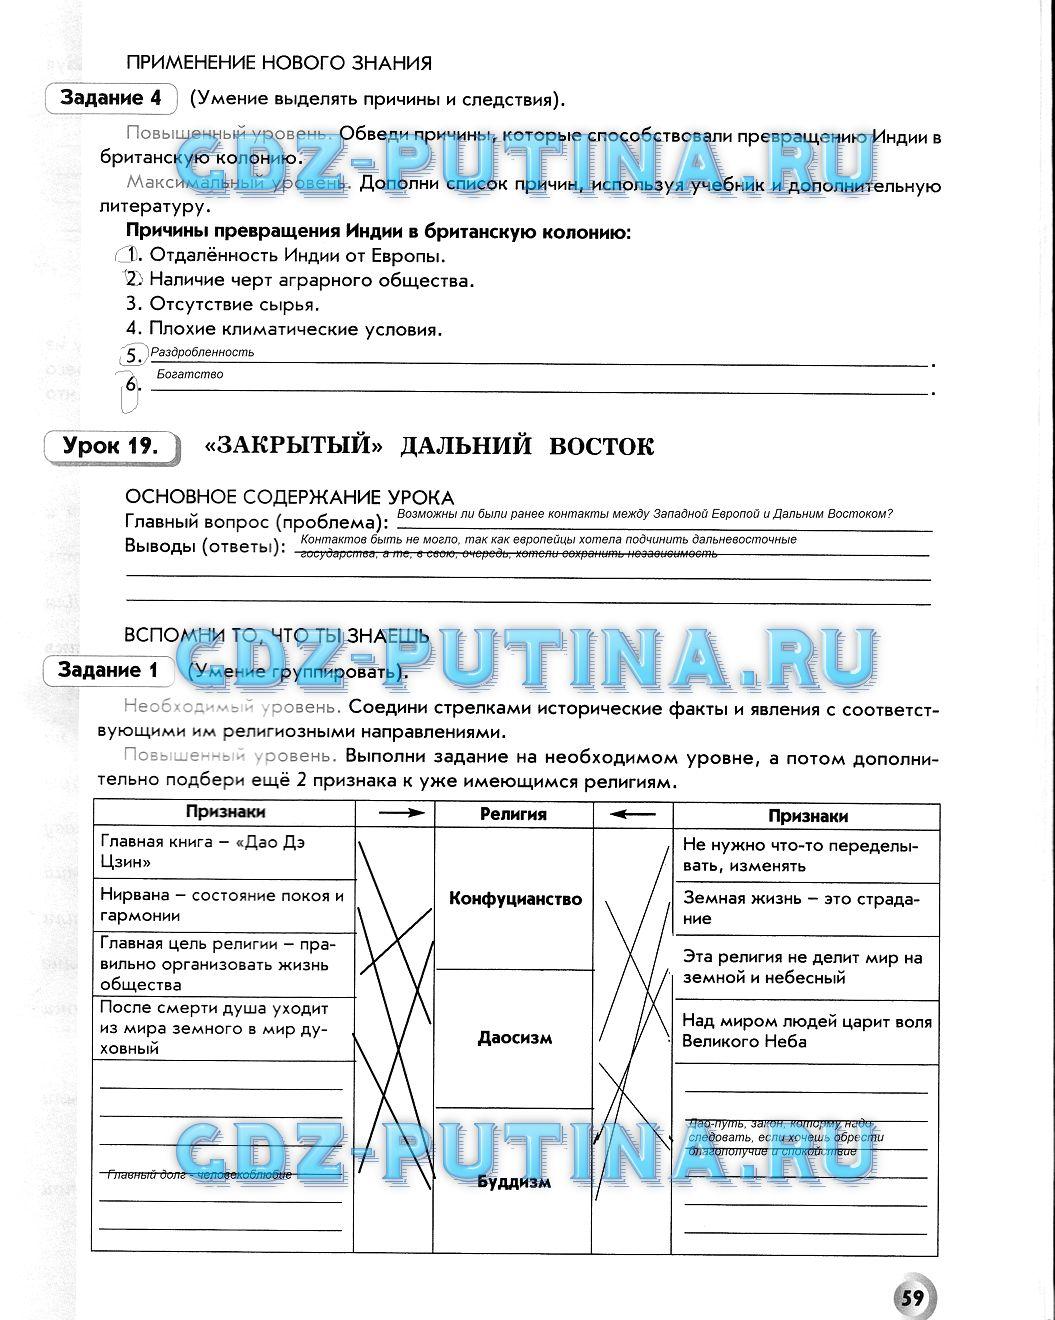 Гдз по рабочей тетради истории россии д.данилова